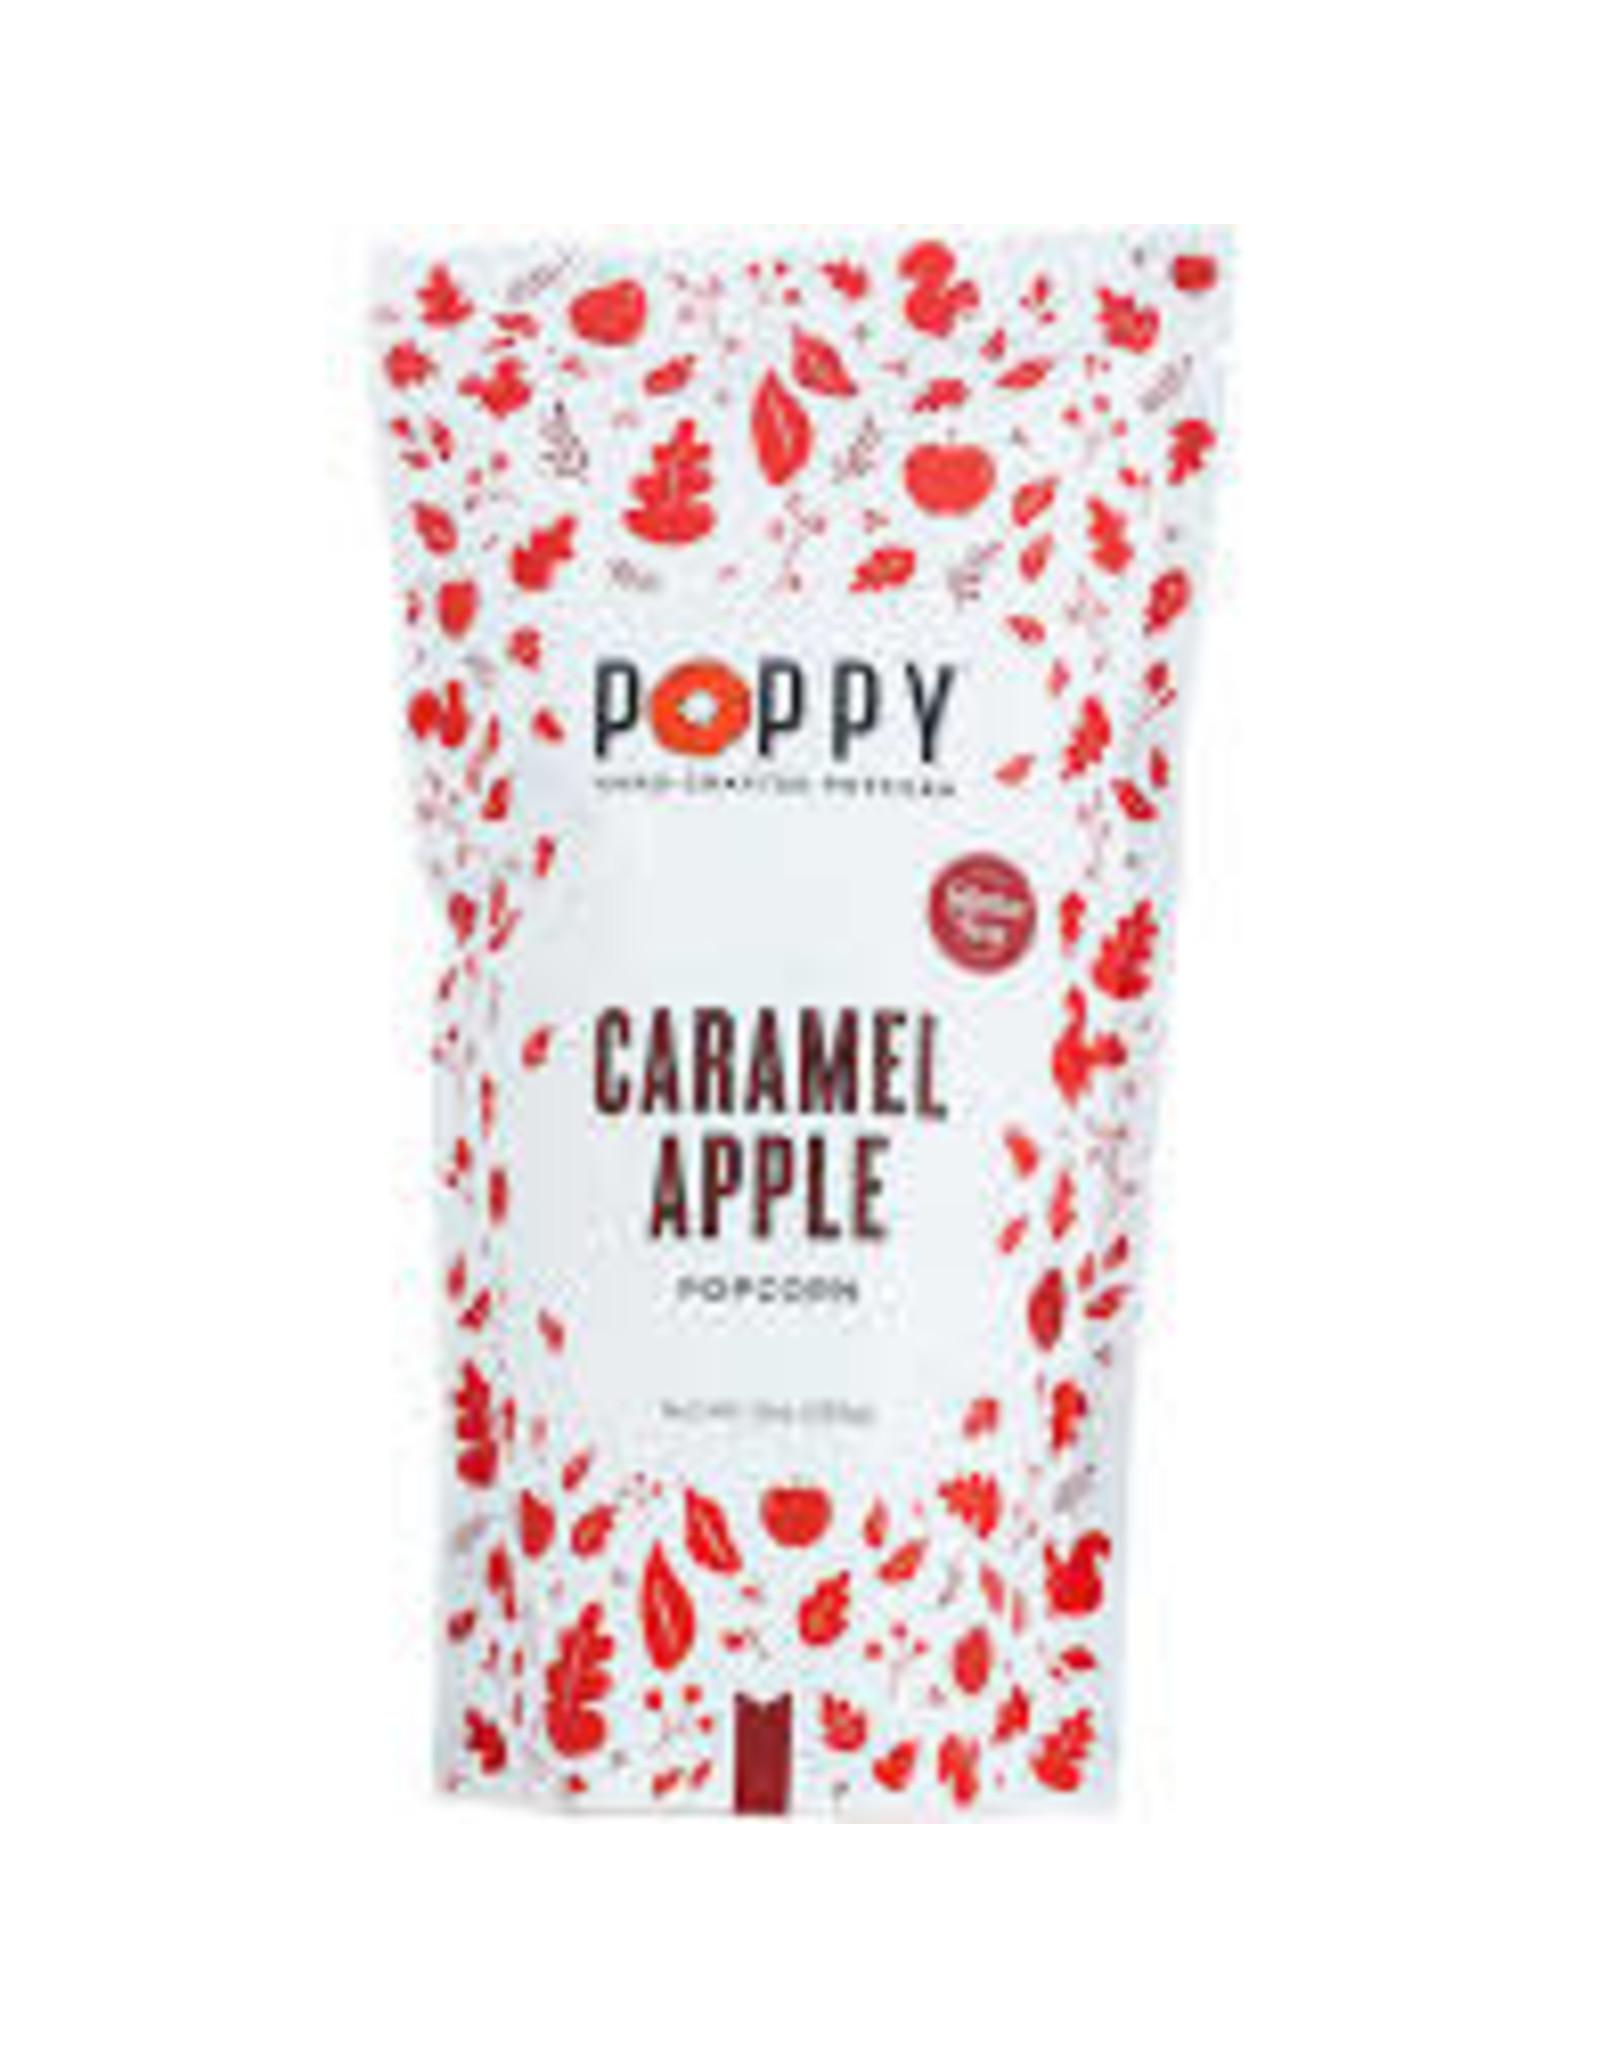 POPPY POPCORN POPPY POPCORN MARKET BAG-CARAMEL APPLE